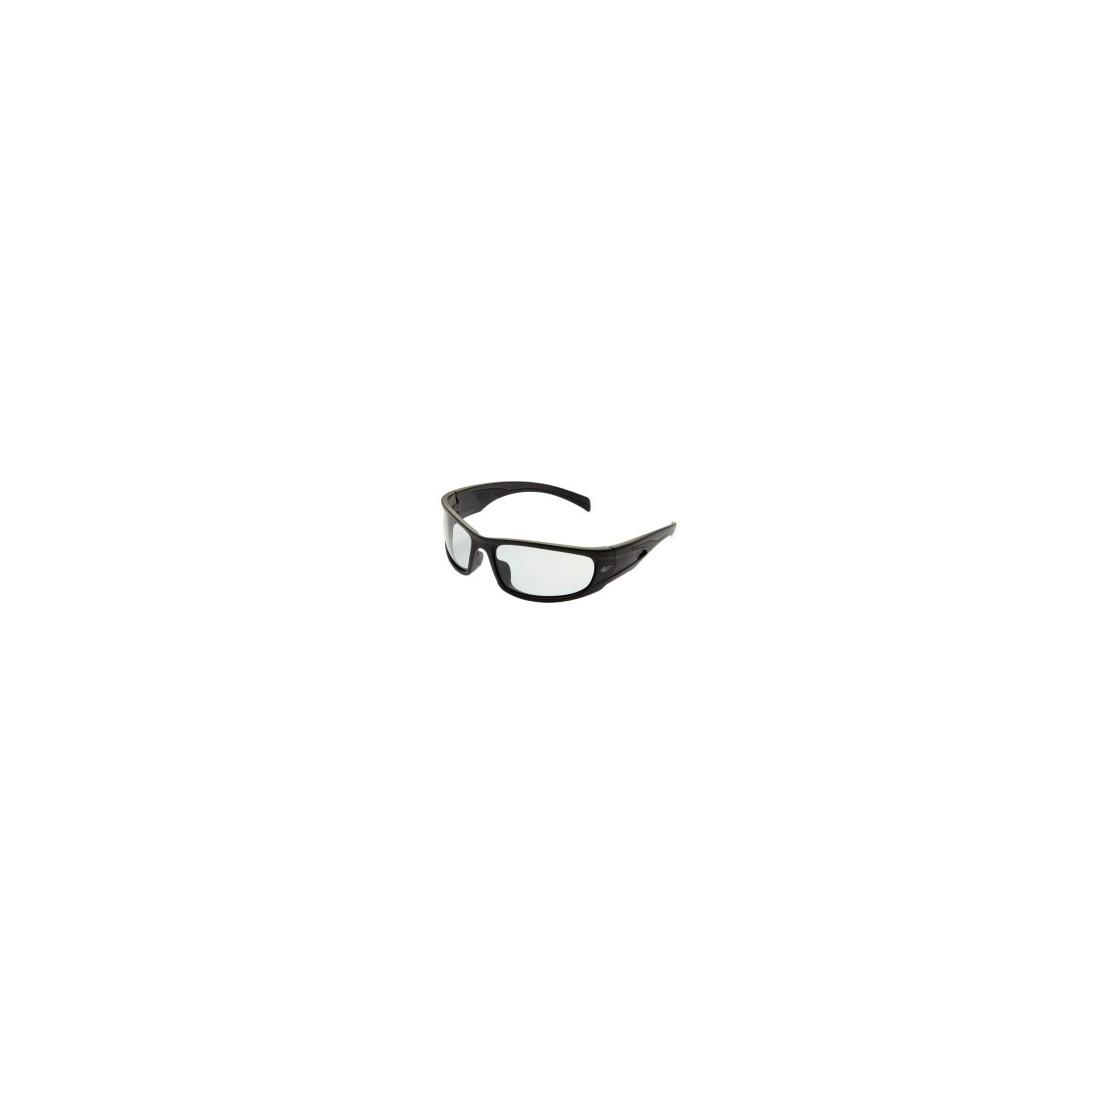 Gafas de Protección FOTOCROM de incoloro a solar